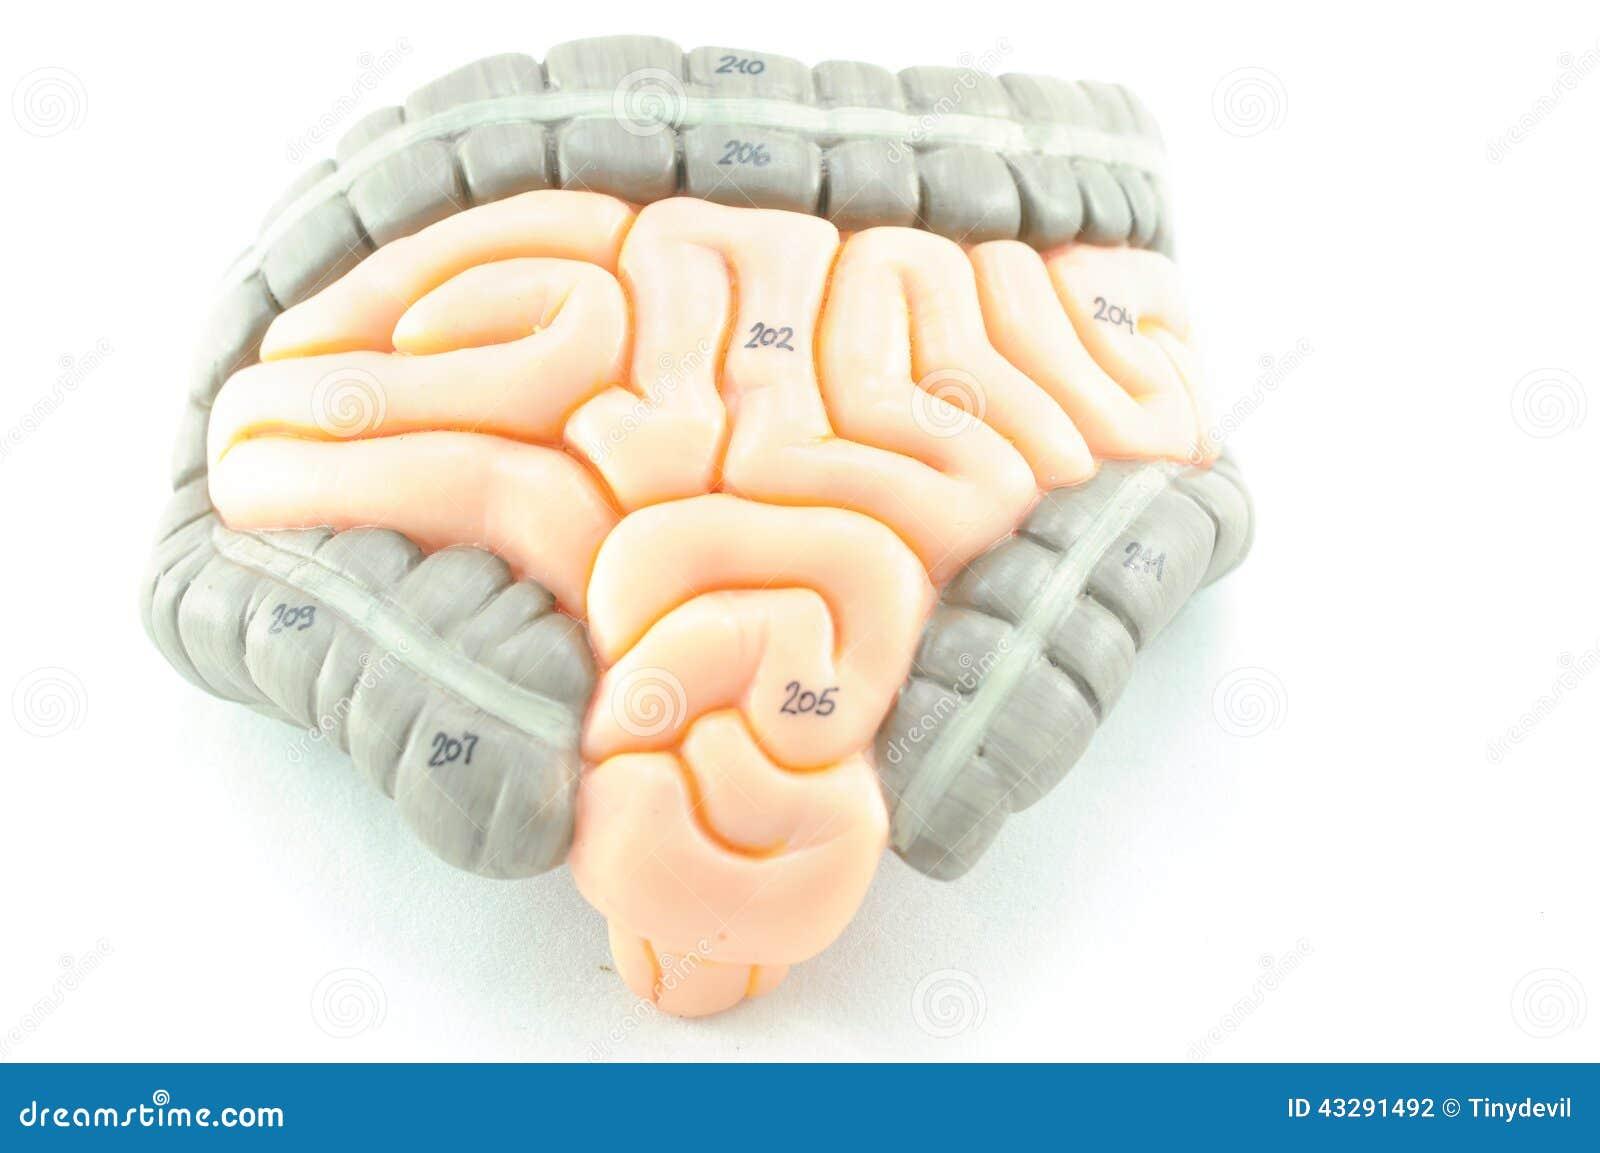 Darm, Organ des Menschen stock abbildung. Illustration von schwarzes ...